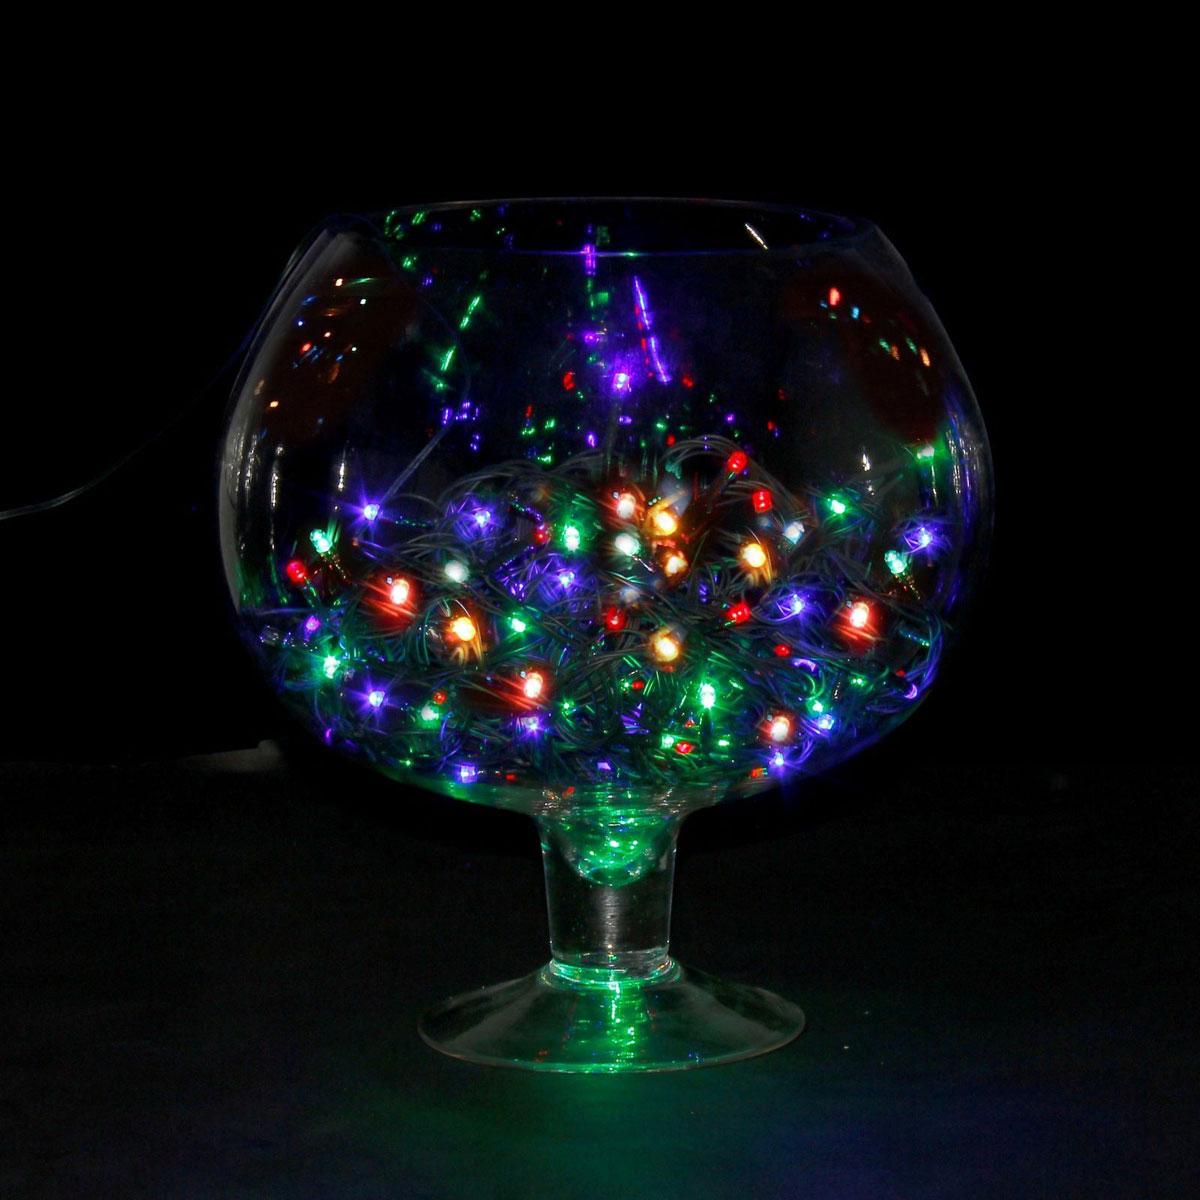 Гирлянда светодиодная Luazon Метраж, уличная, 8 режимов, 52 лампы, 220 V, 5 м, цвет: мультиколор. 705933705933Светодиодные гирлянды, ленты и т.д. — это отличный вариант для новогоднего оформления интерьера или фасада. С их помощью помещение любого размера можно превратить в праздничный зал, а внешние элементы зданий, украшенные ими, мгновенно станут напоминать очертания сказочного дворца. Такие украшения создают ауру предвкушения чуда. Деревья, фасады, витрины, окна и арки будто специально созданы, чтобы вы украсили их светящимися нитями.